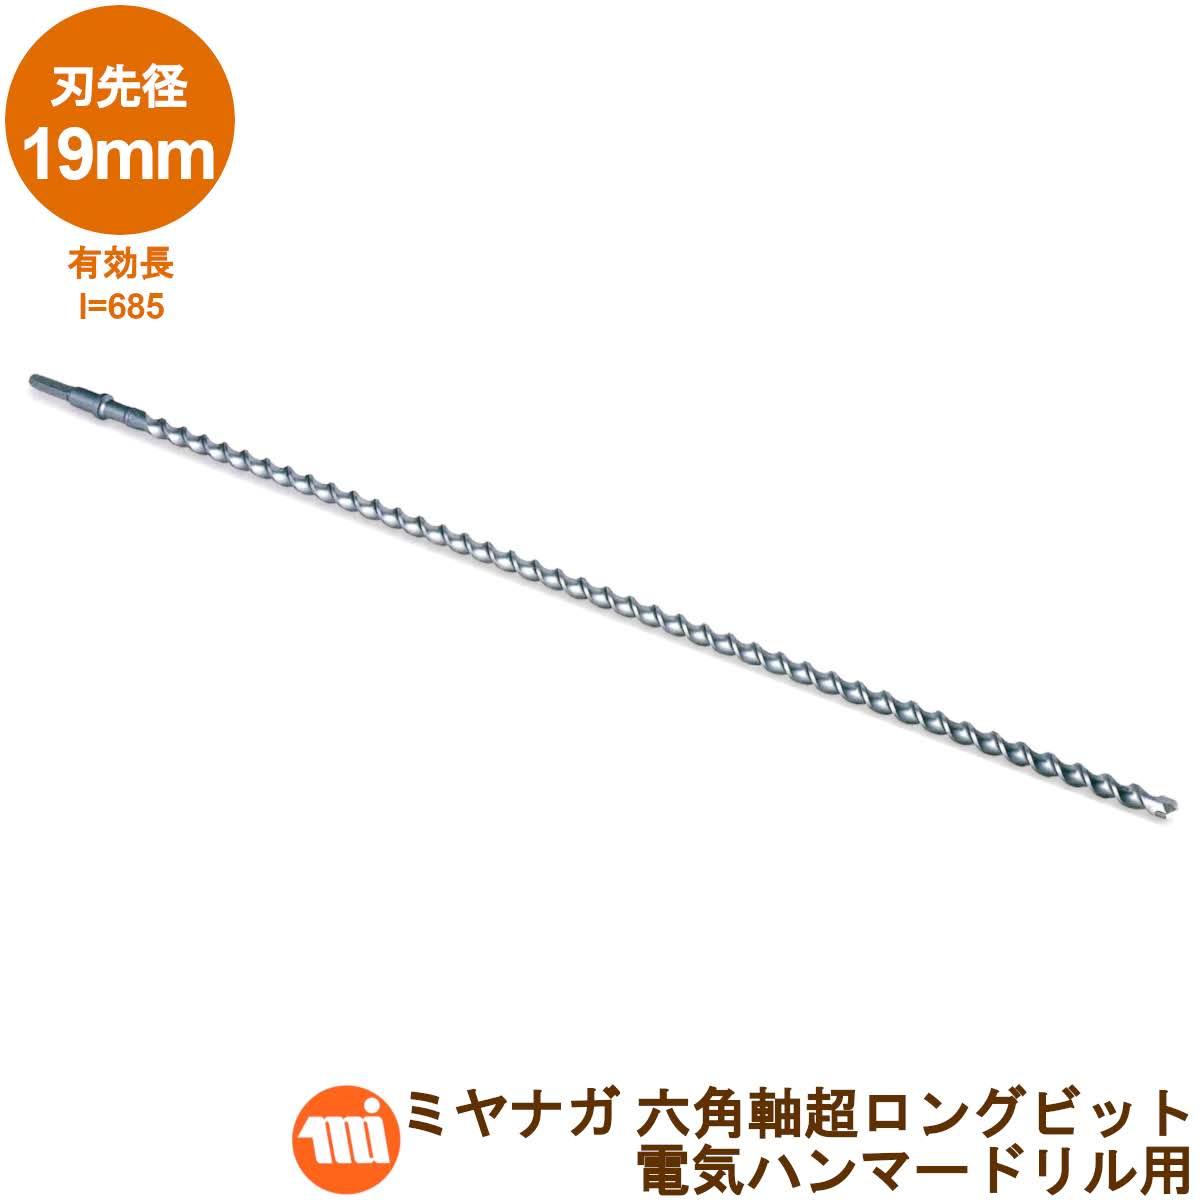 ミヤナガ 六角軸超ロングビット HEX19080刃先径:19.0mm/全長L=800mm/有効長l=685mm電気ハンマードリル用 石材向け